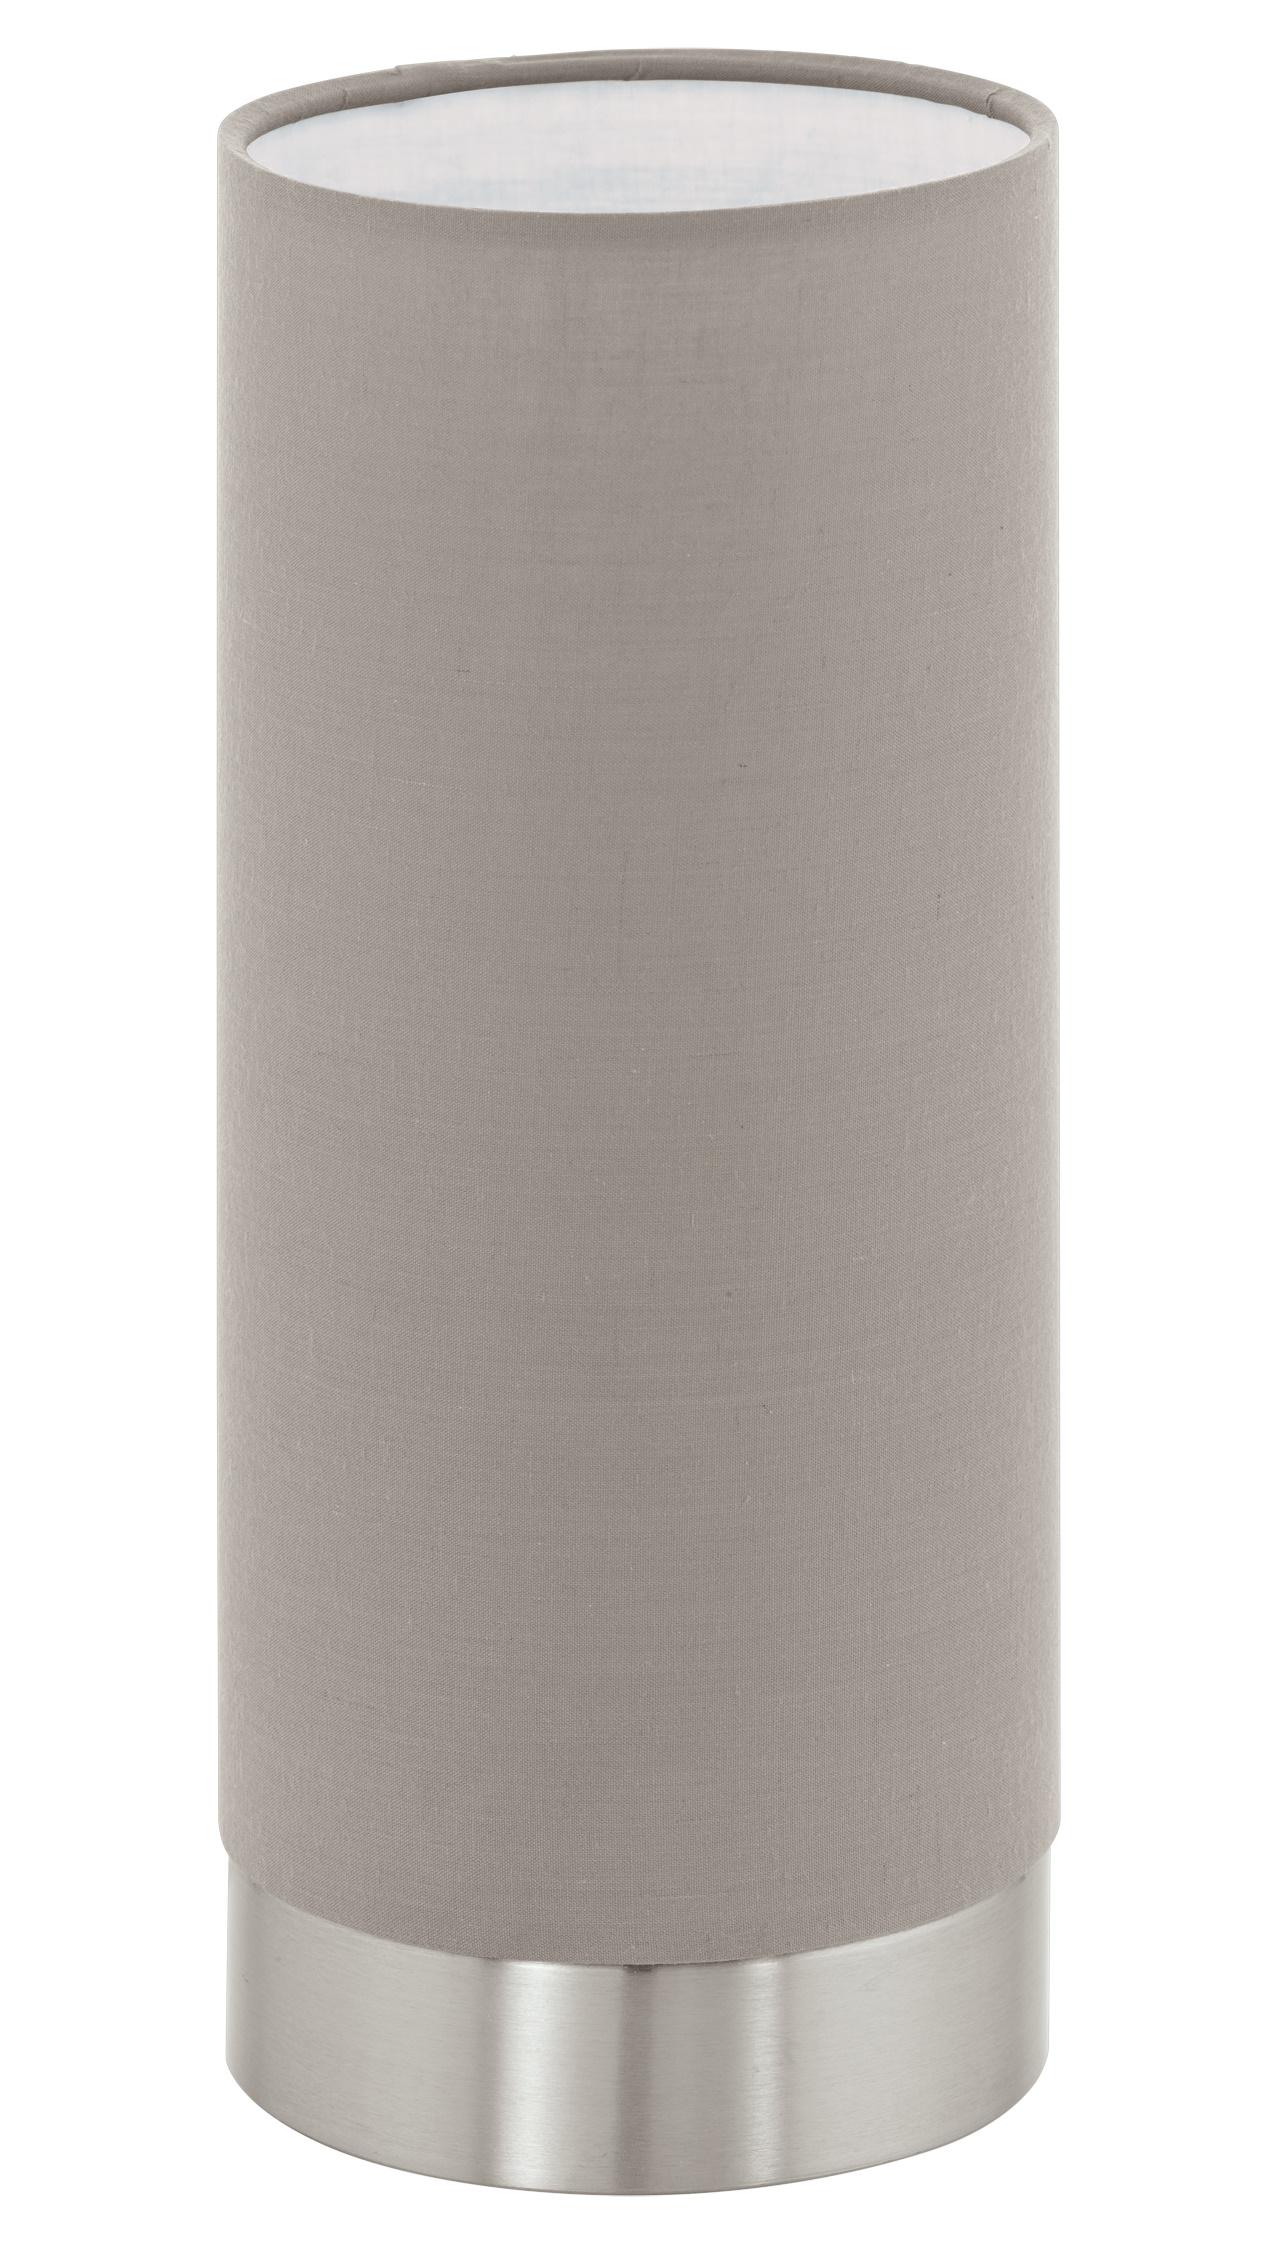 Veioza Eglo Pasteri 1x40W E27 nichel mat-taupe imagine